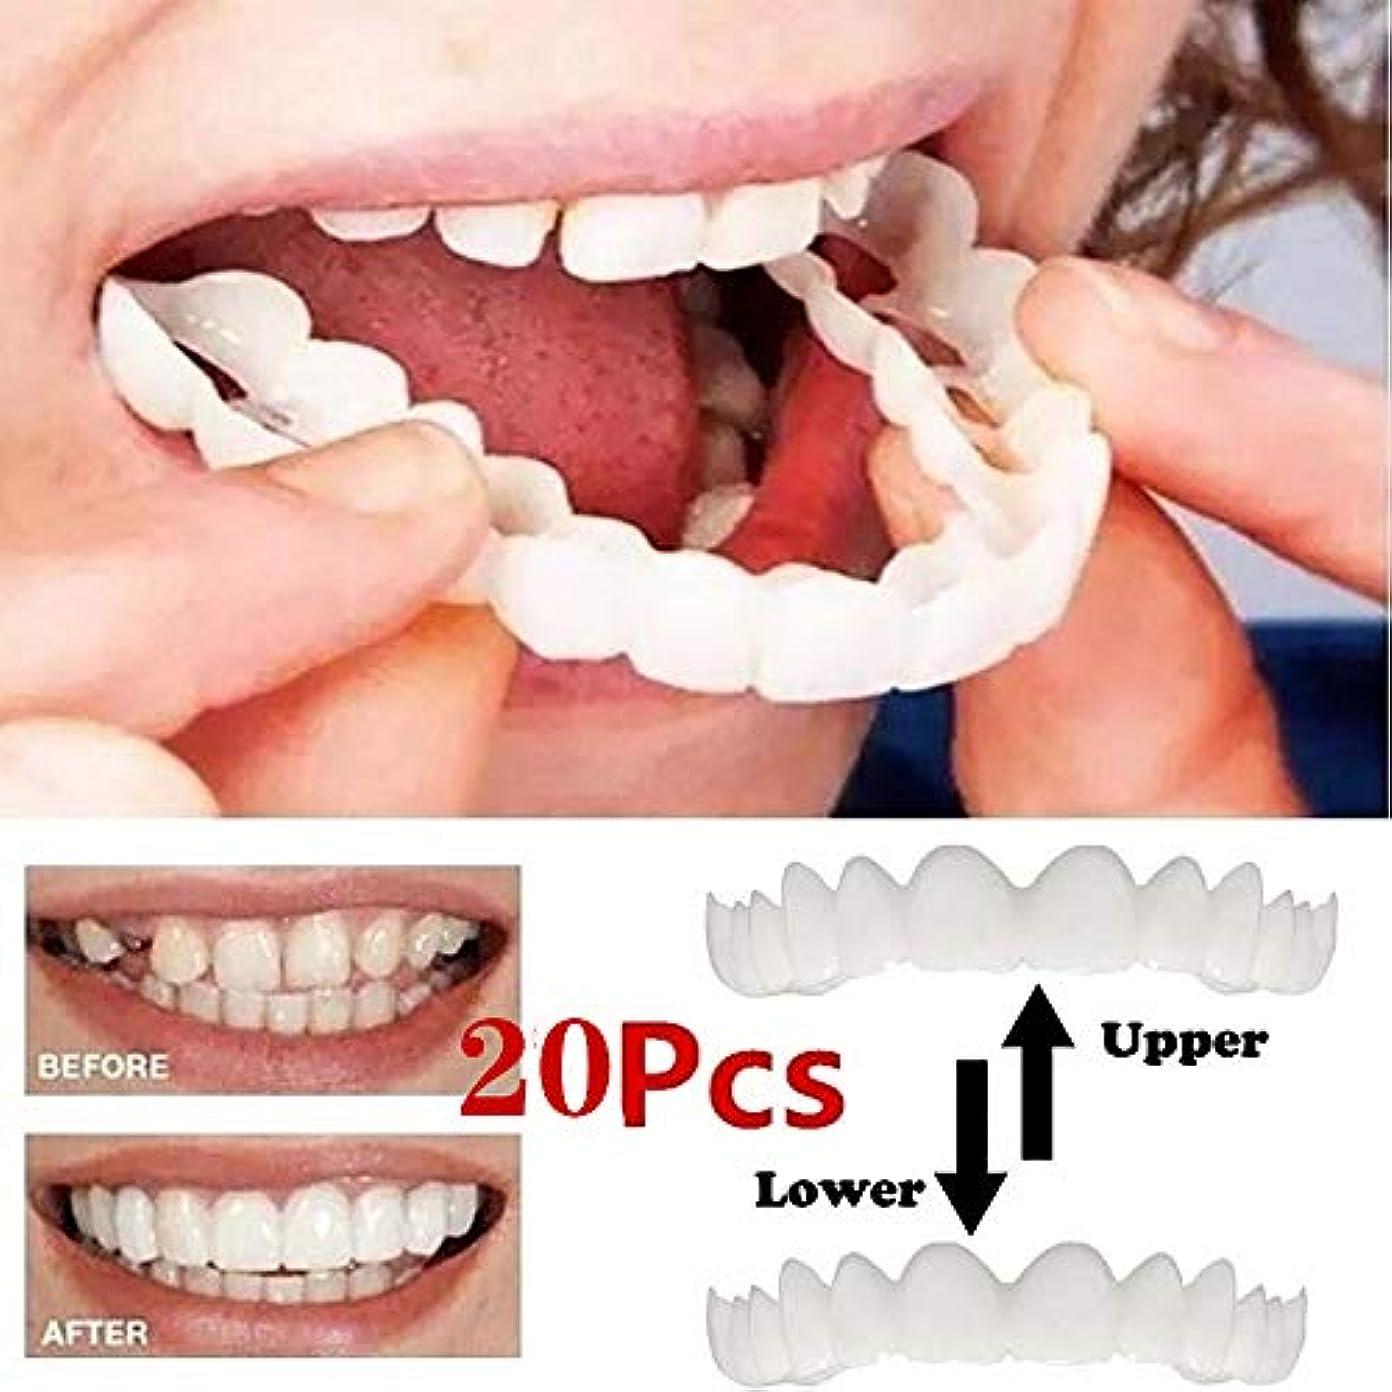 略す激しいバズ突き板の歯、化粧品の歯 - 一時的な笑顔の快適さフィットフレックス化粧品の歯、偽歯、快適な上と下のベニヤ - 歯のベニヤ(10 /下+ / 10トップ)